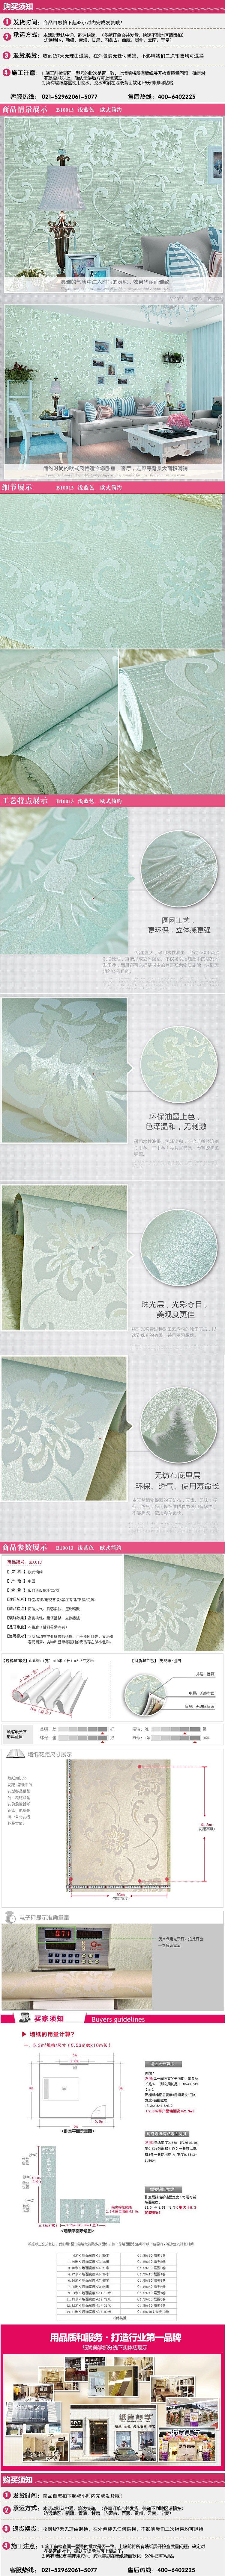 纸尚美学墙纸专场浅蓝色欧式简约3d立体圆网壁纸b